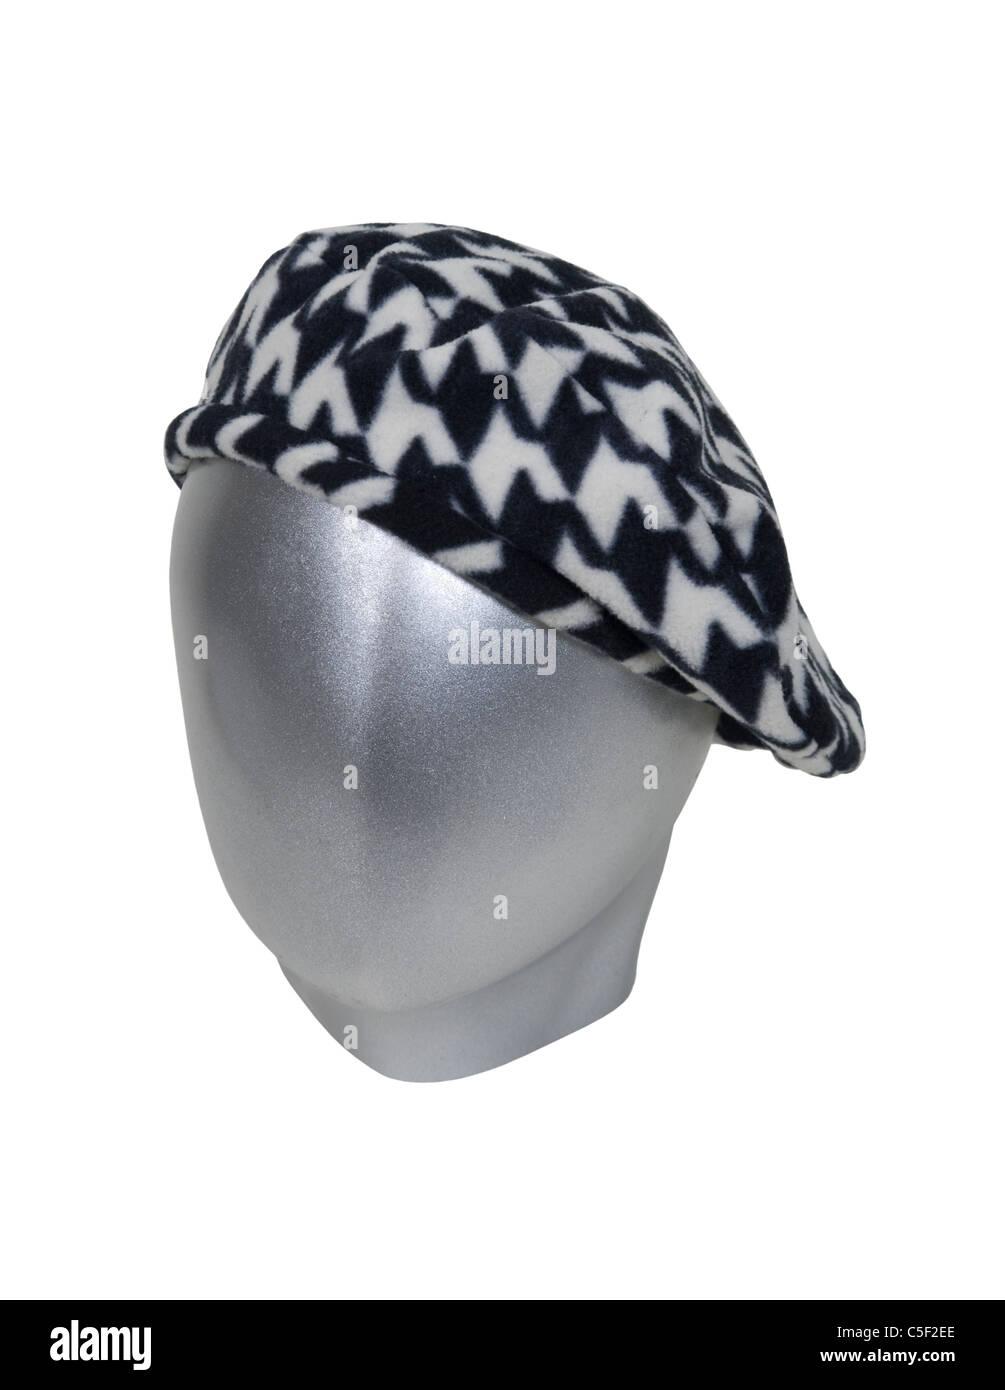 Cabeza de plata para modelar ropa y accesorios con un rostro en blanco  vistiendo una boina ceaf5eade6d